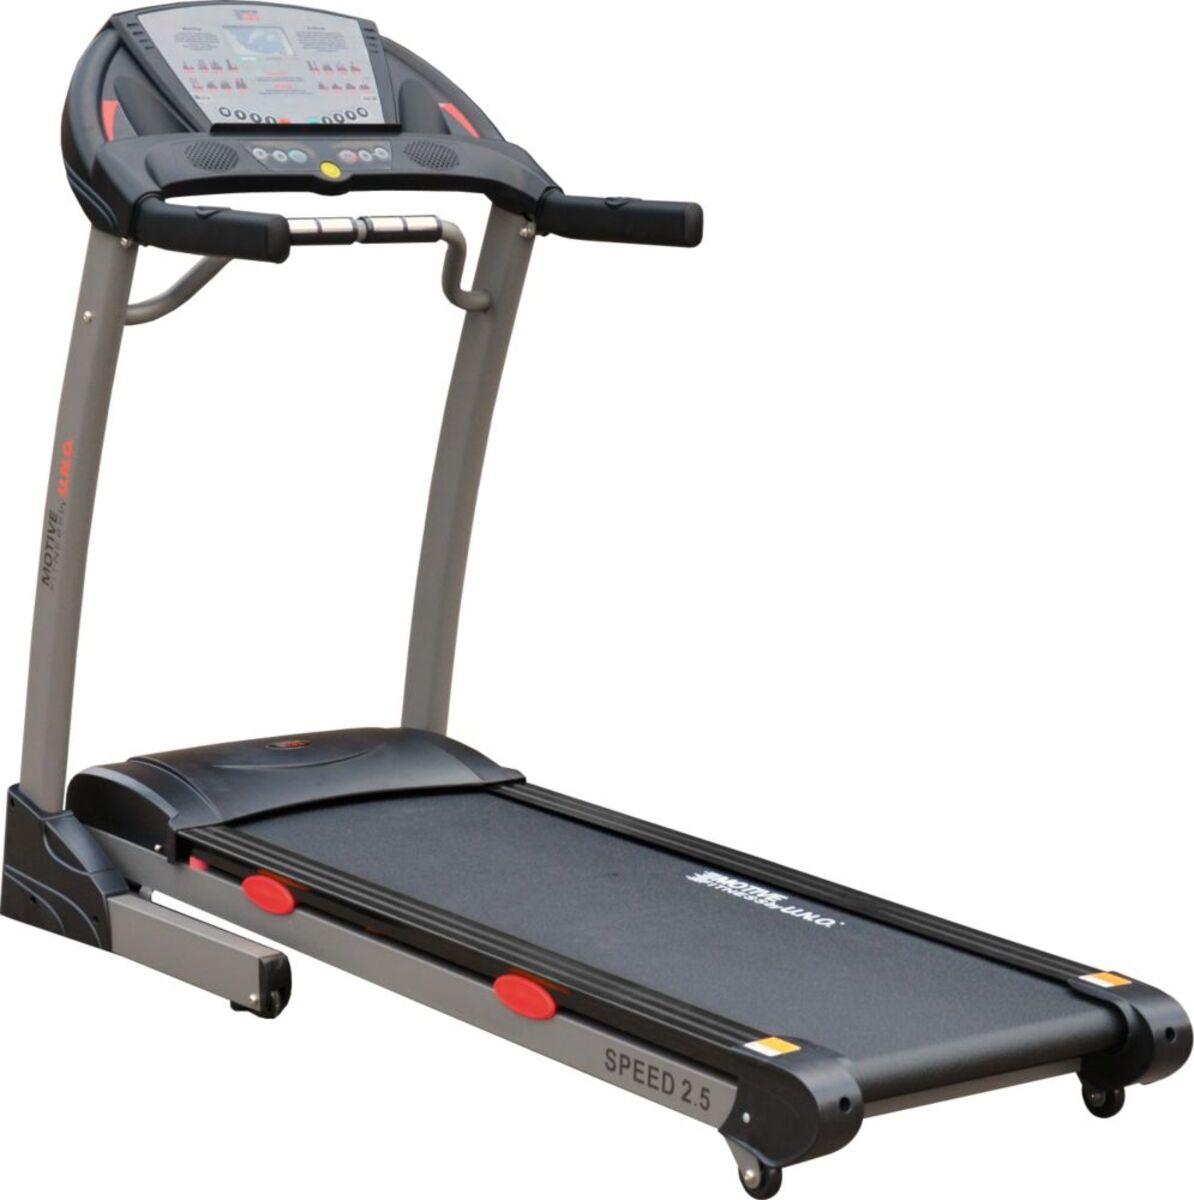 Bild 1 von Motive Fitness by U.N.O. Laufband Speed 2.5